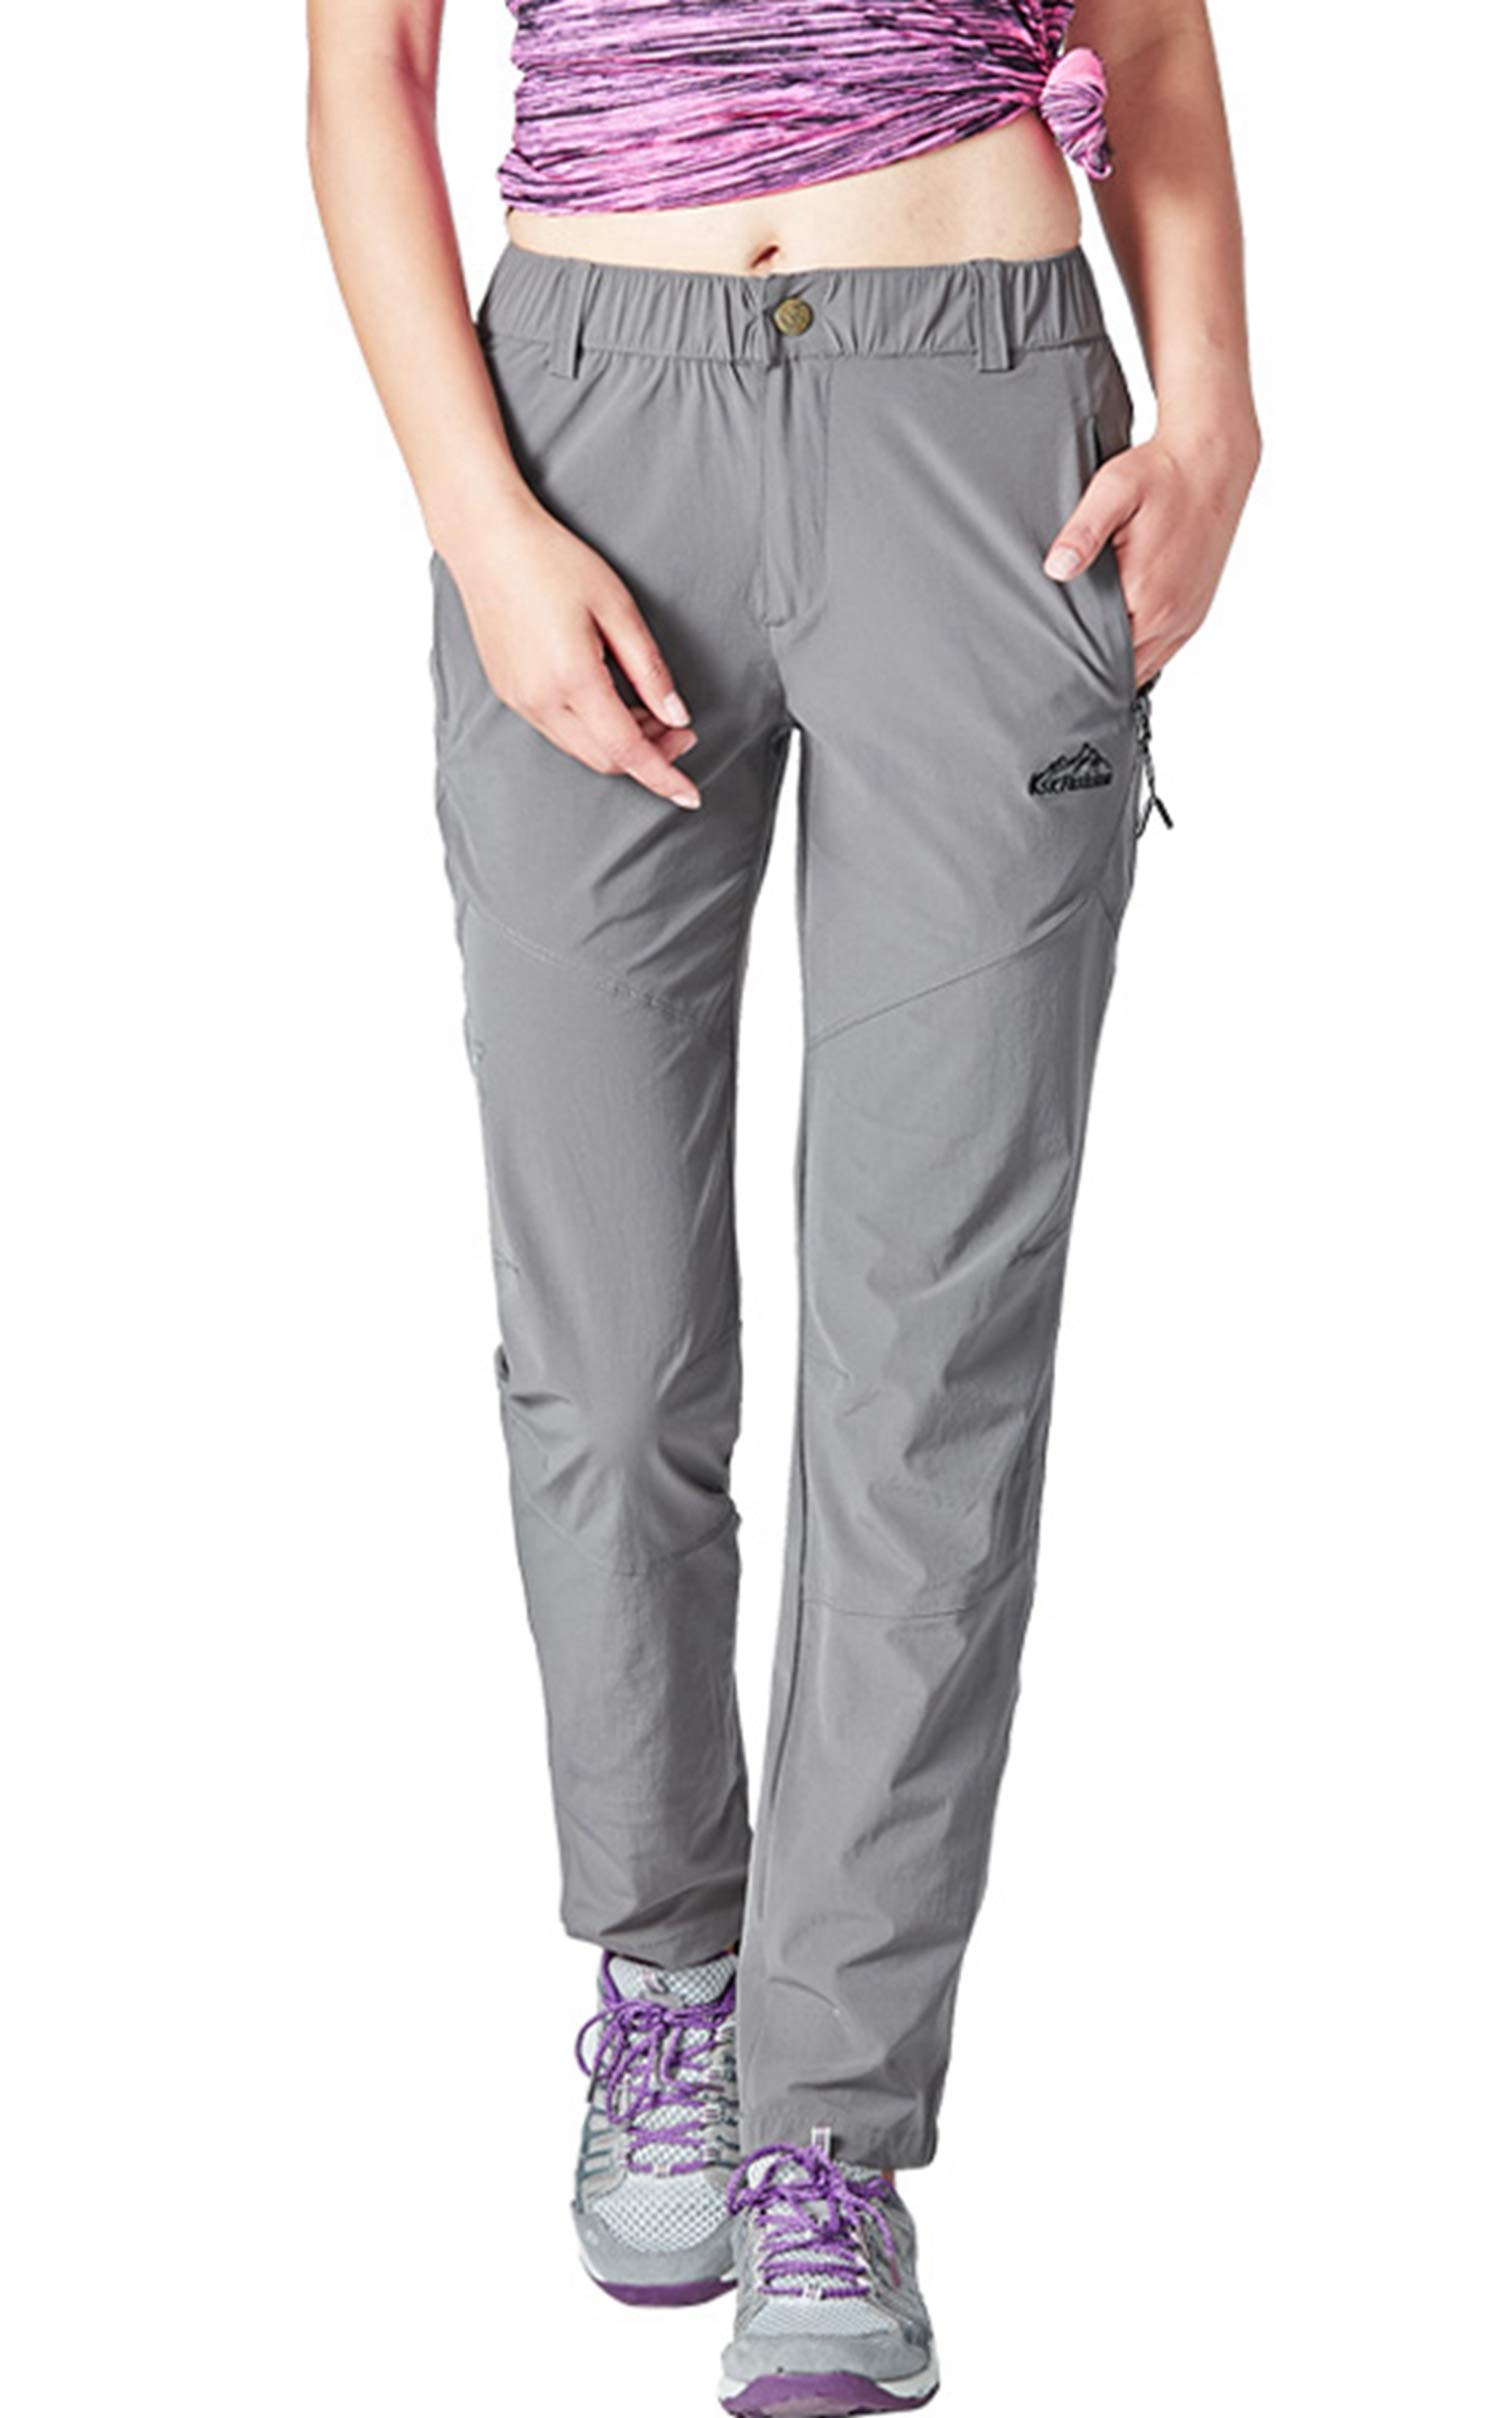 YSENTO Pantalon de randonnée léger résistant à l'eau avec poches à fermeture éclair pour femme